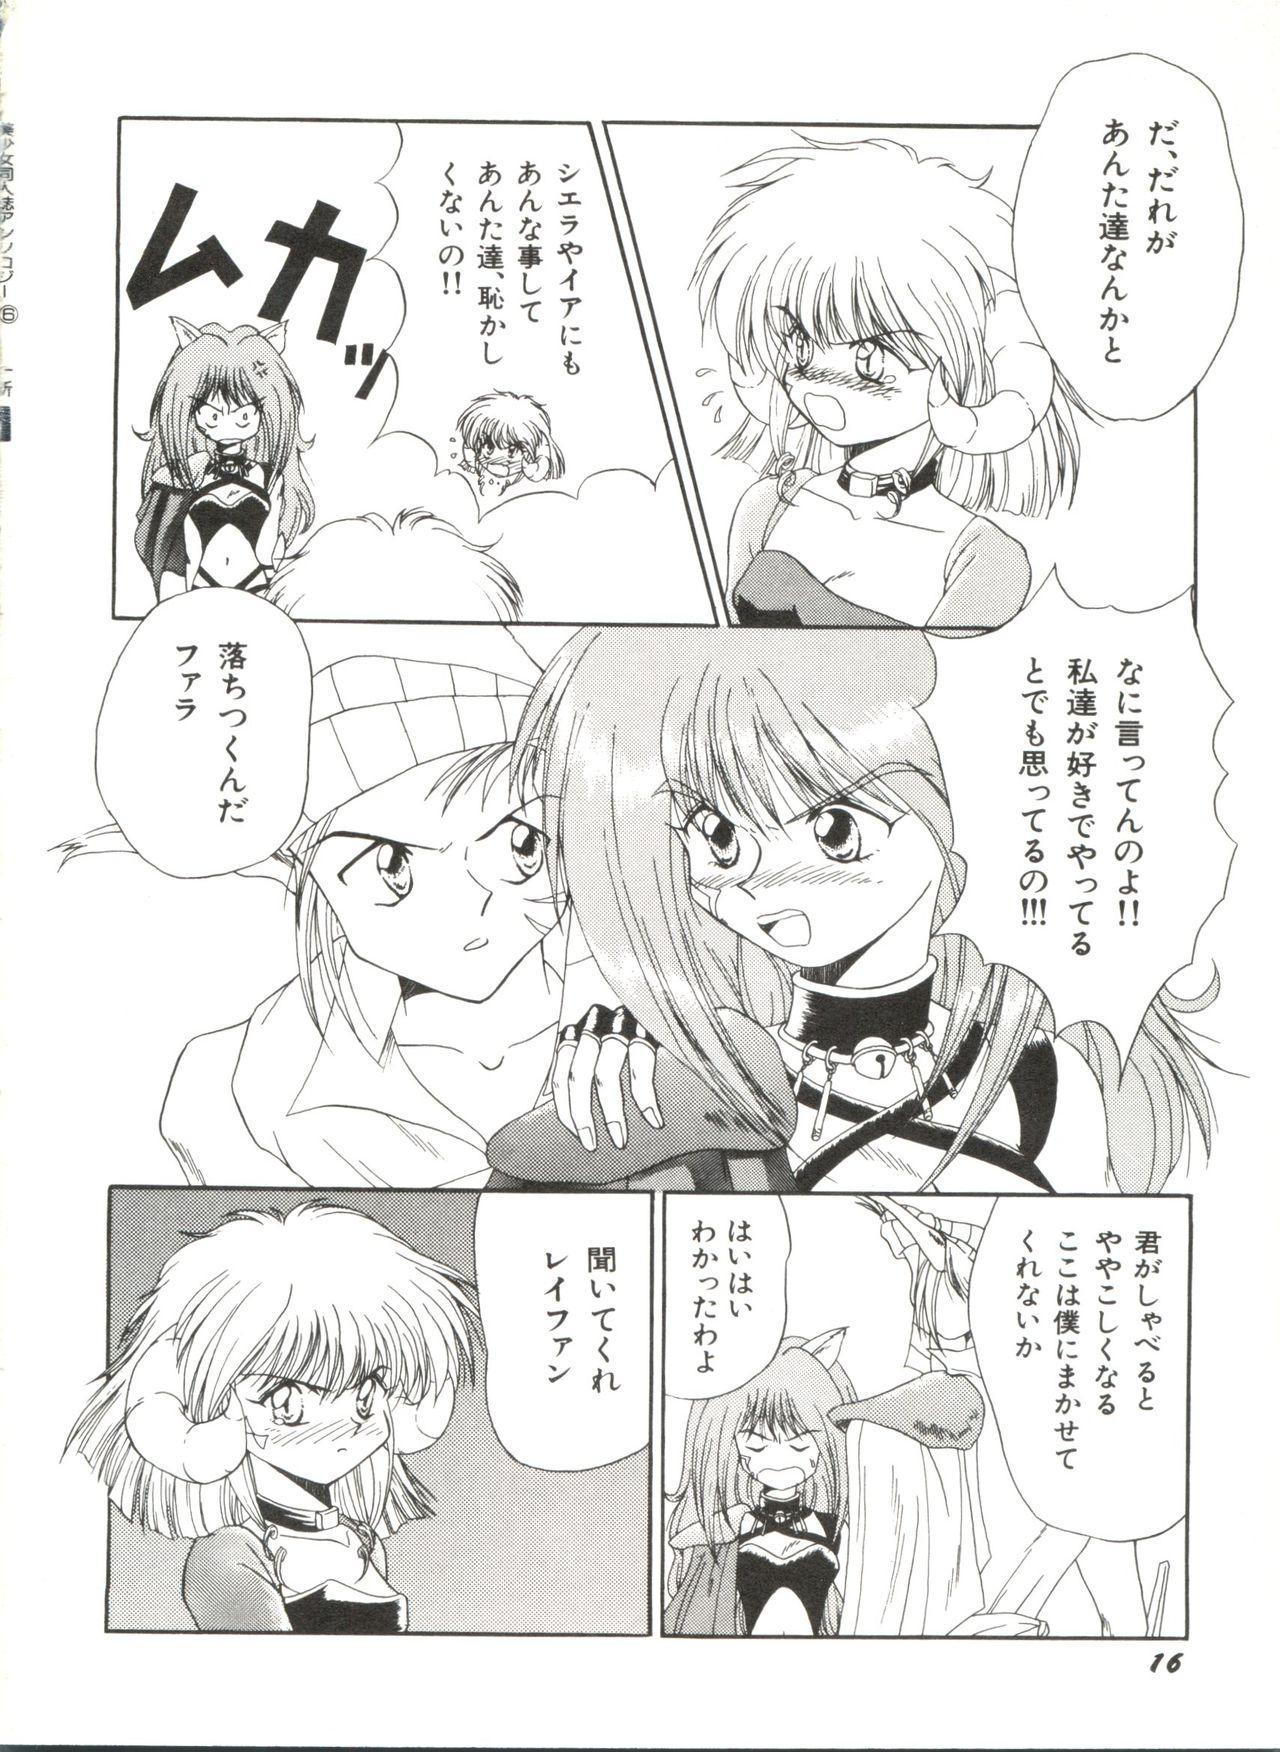 Bishoujo Doujinshi Anthology 6 19